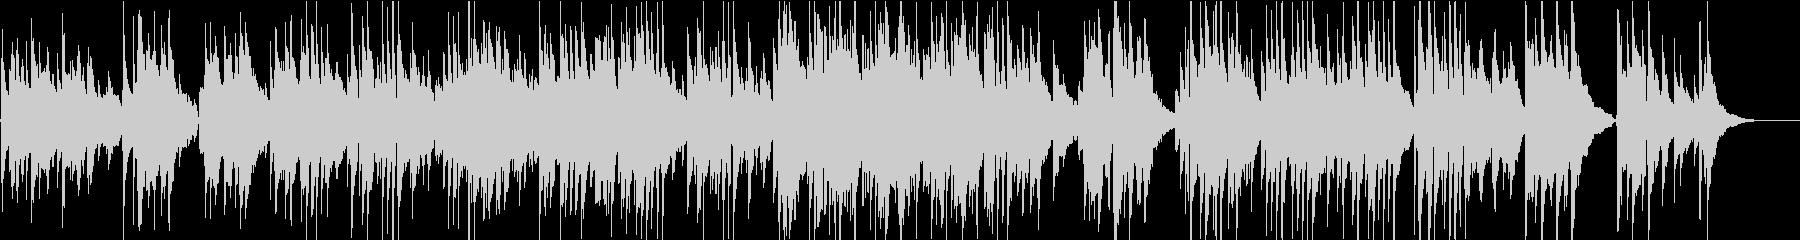 シンプルなアコギのみのスカボローフェア の未再生の波形